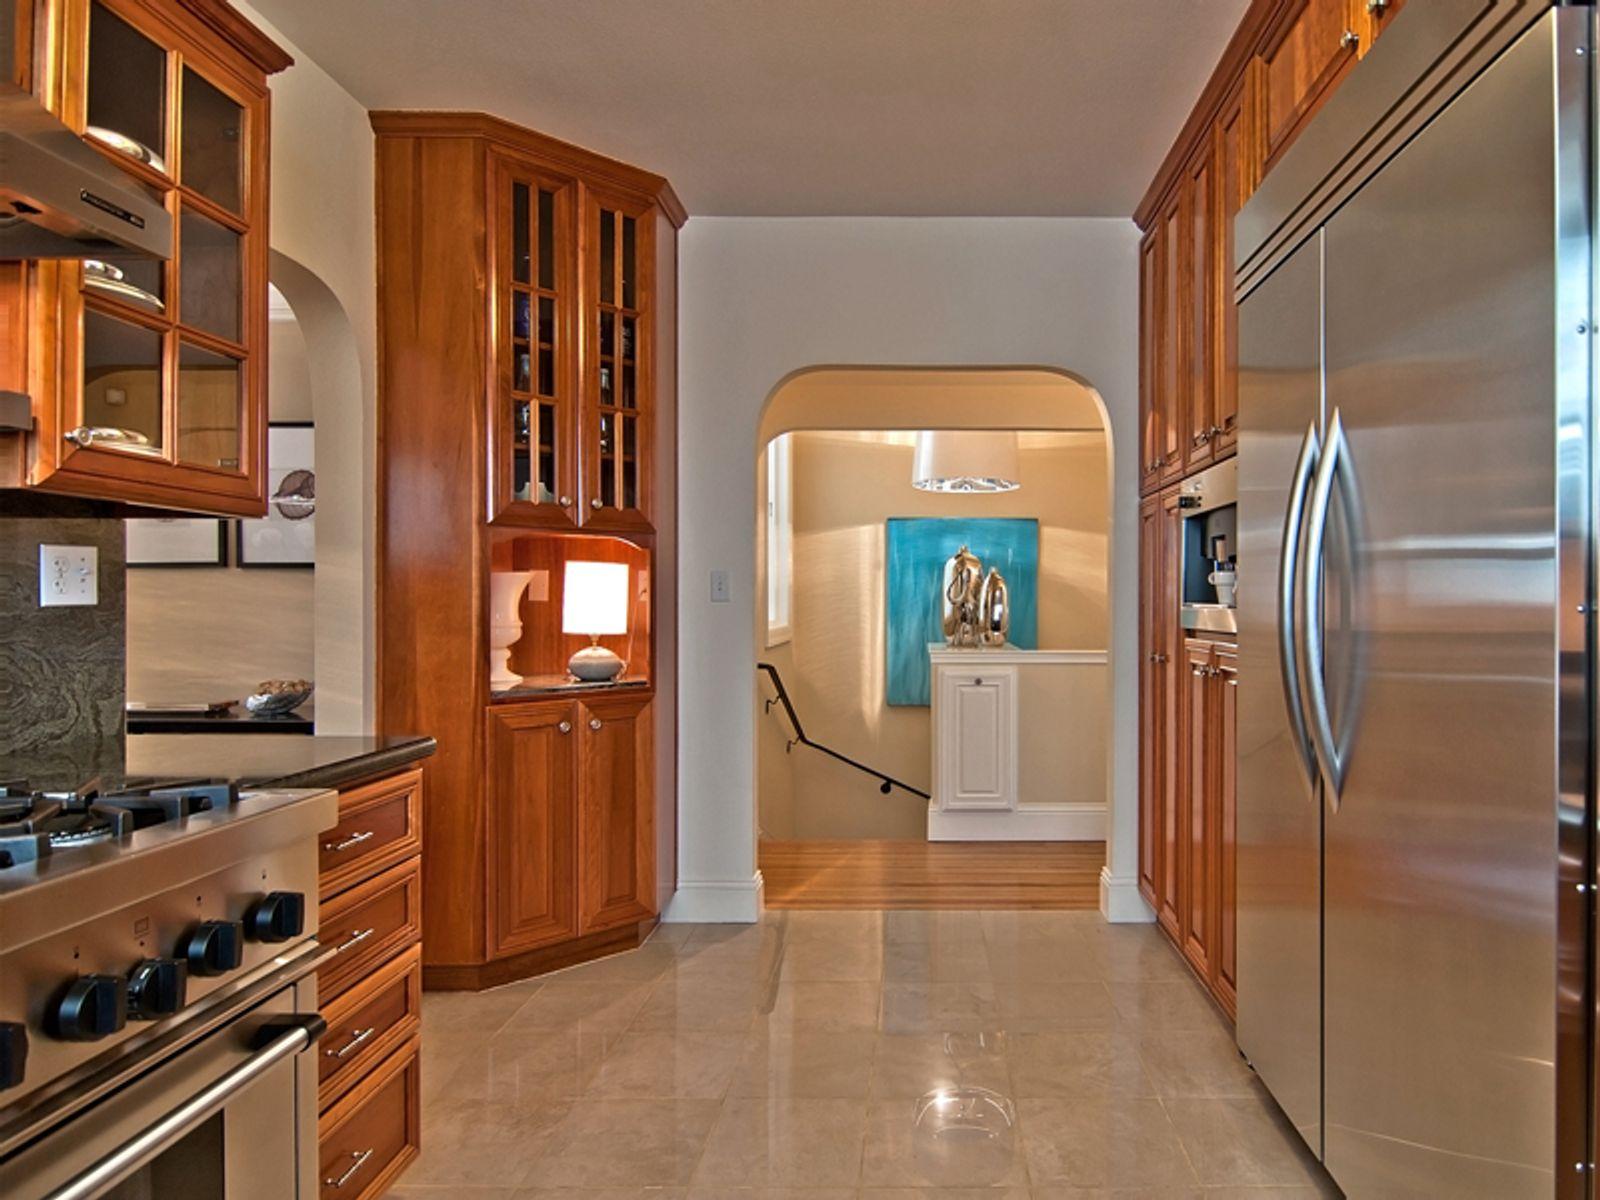 Single Family Home at Condominium Price